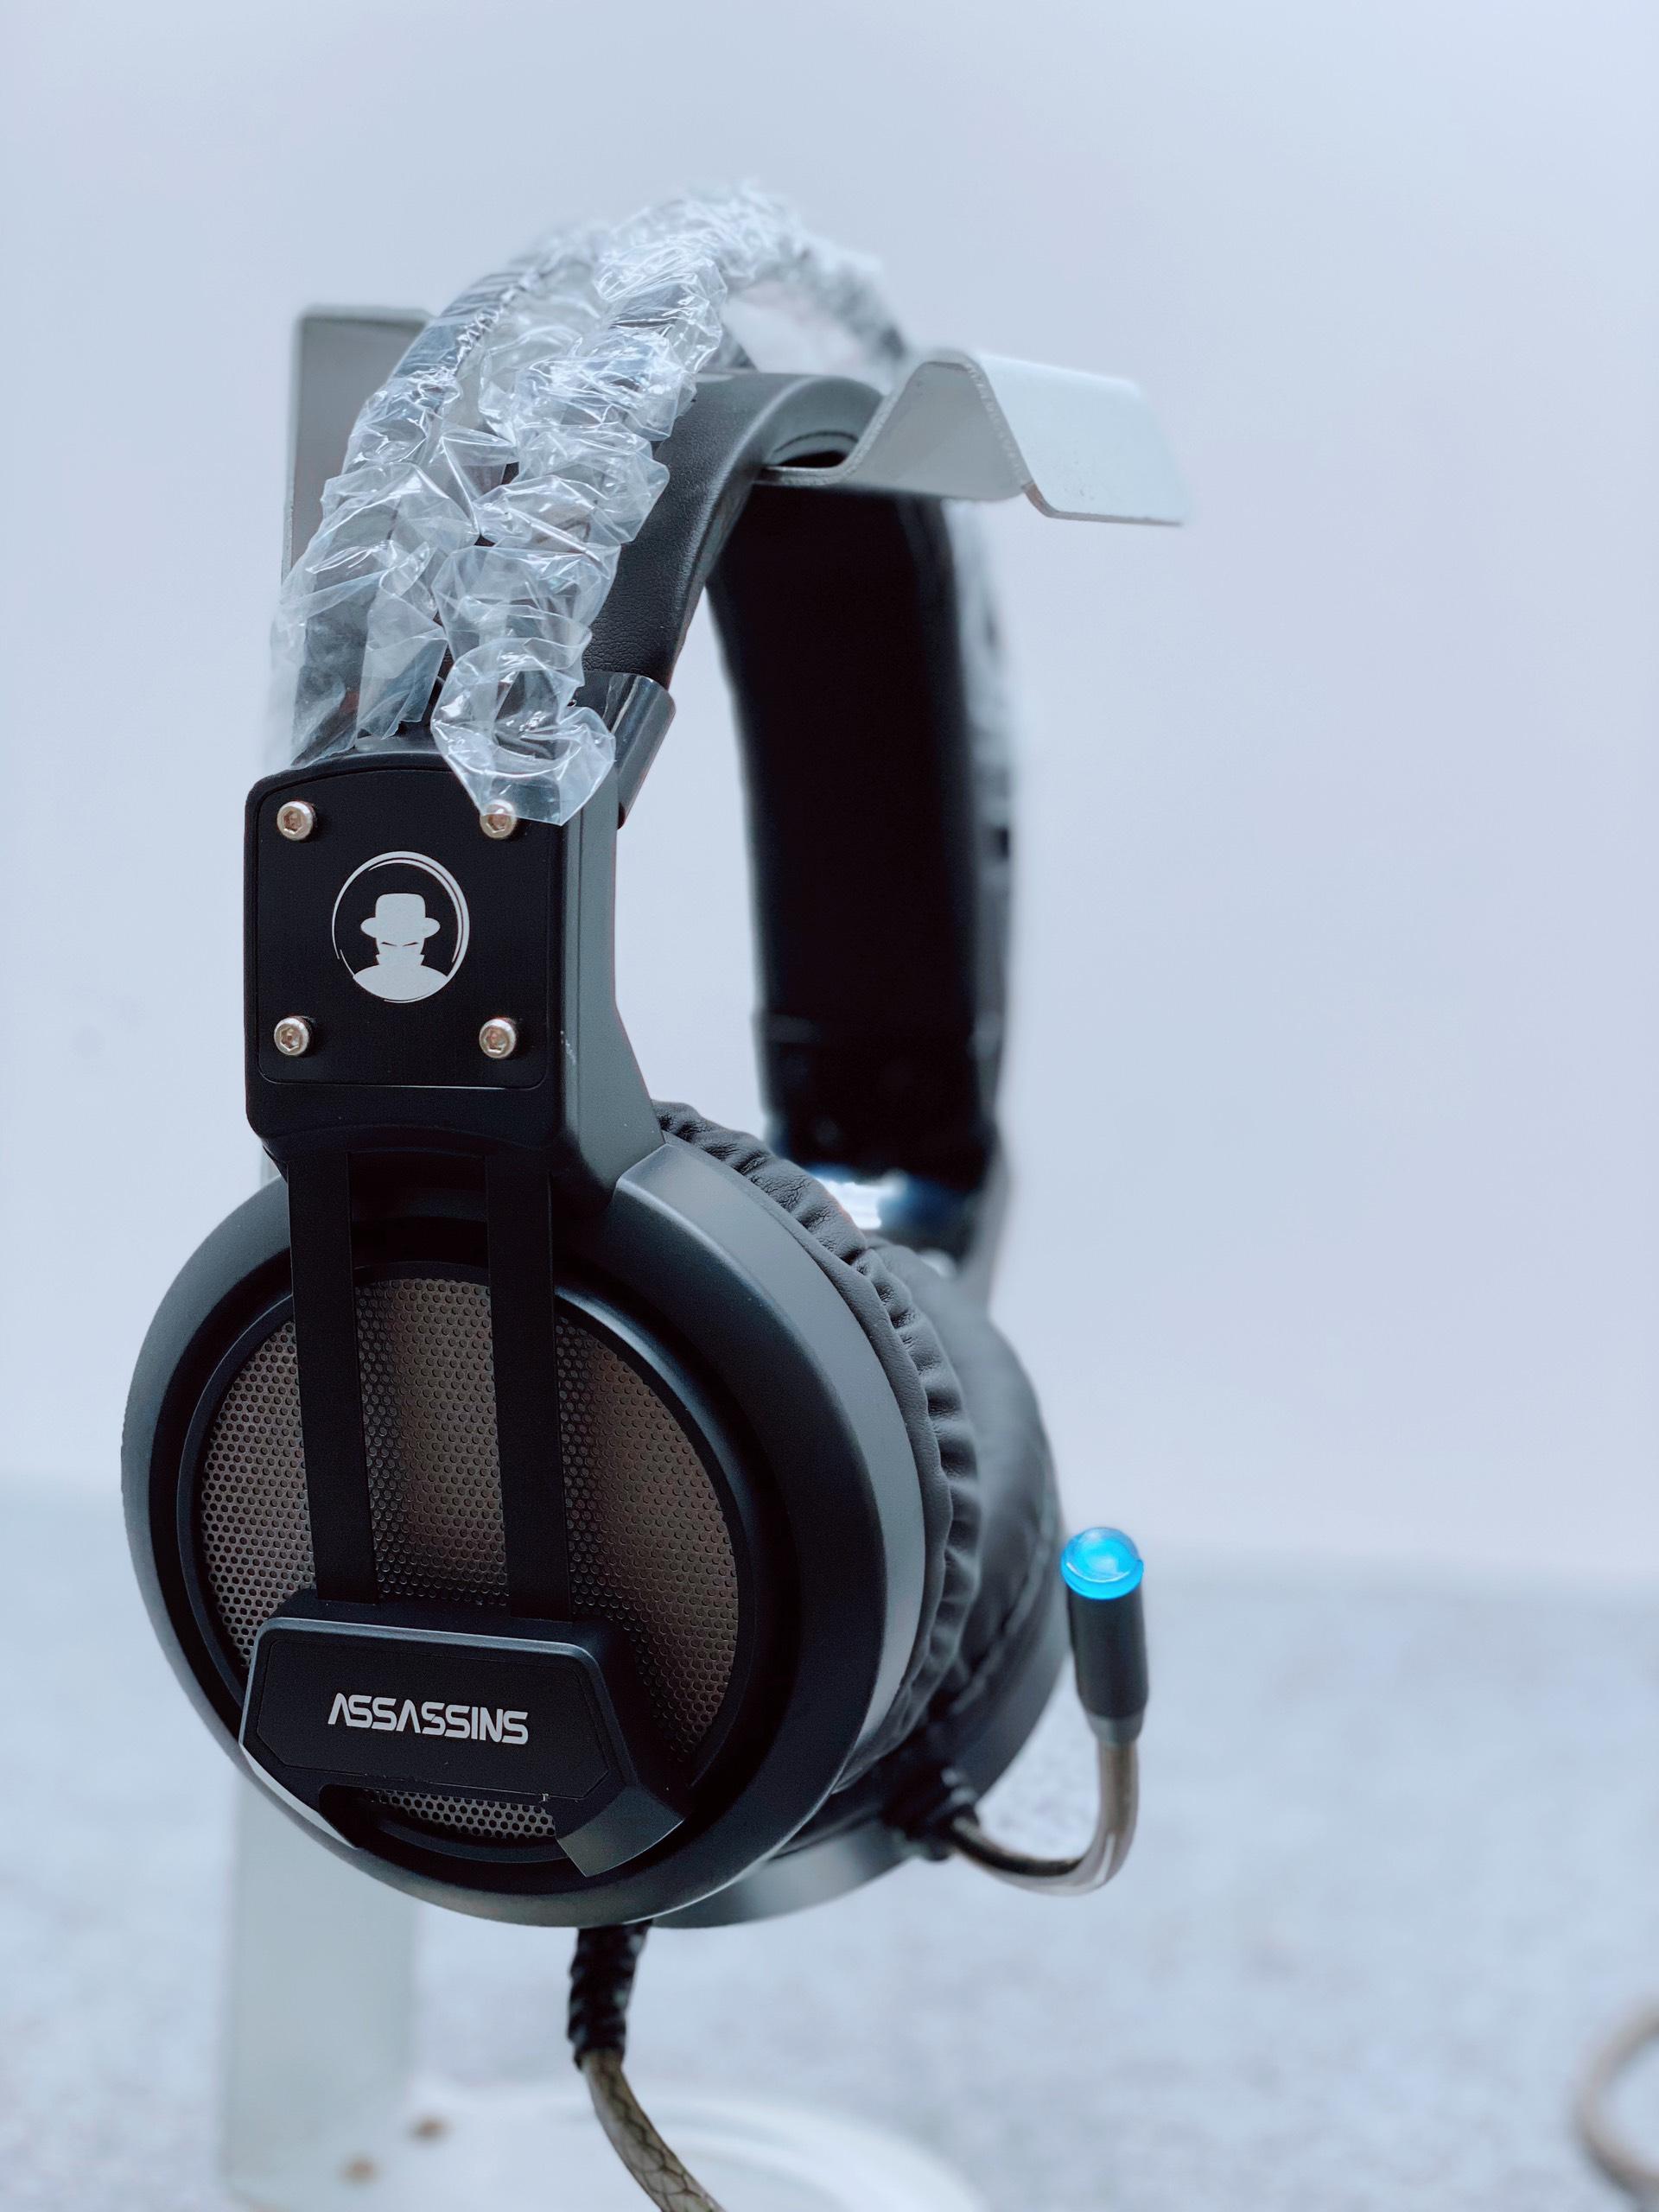 Tai nghe Assassins X5 - Hàng chính hãng